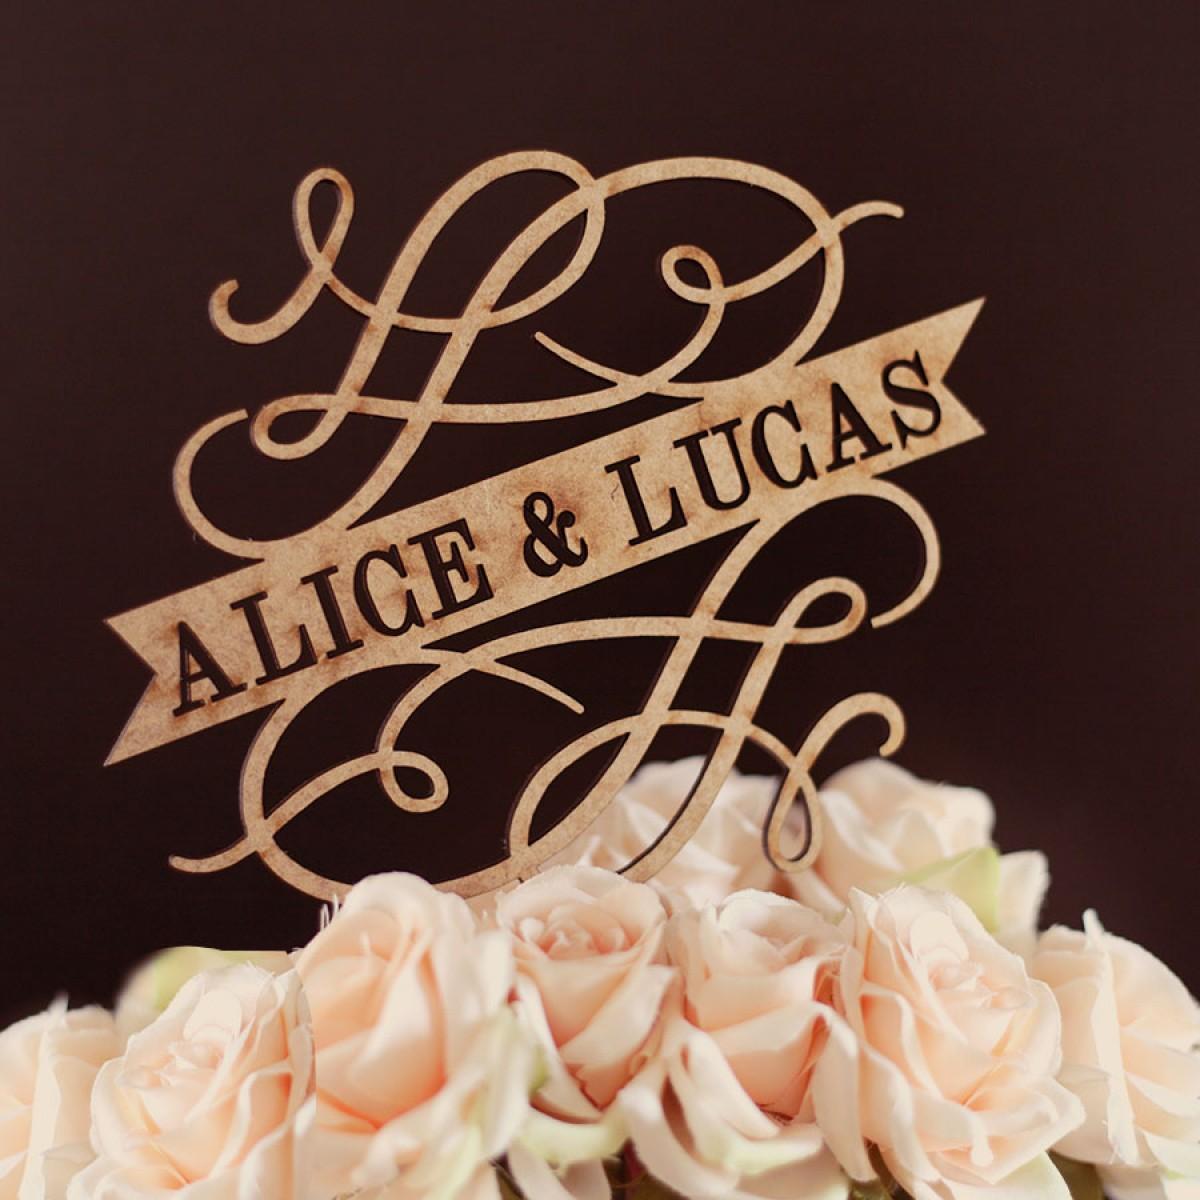 nomes personalizados em topo do bolo de casamento